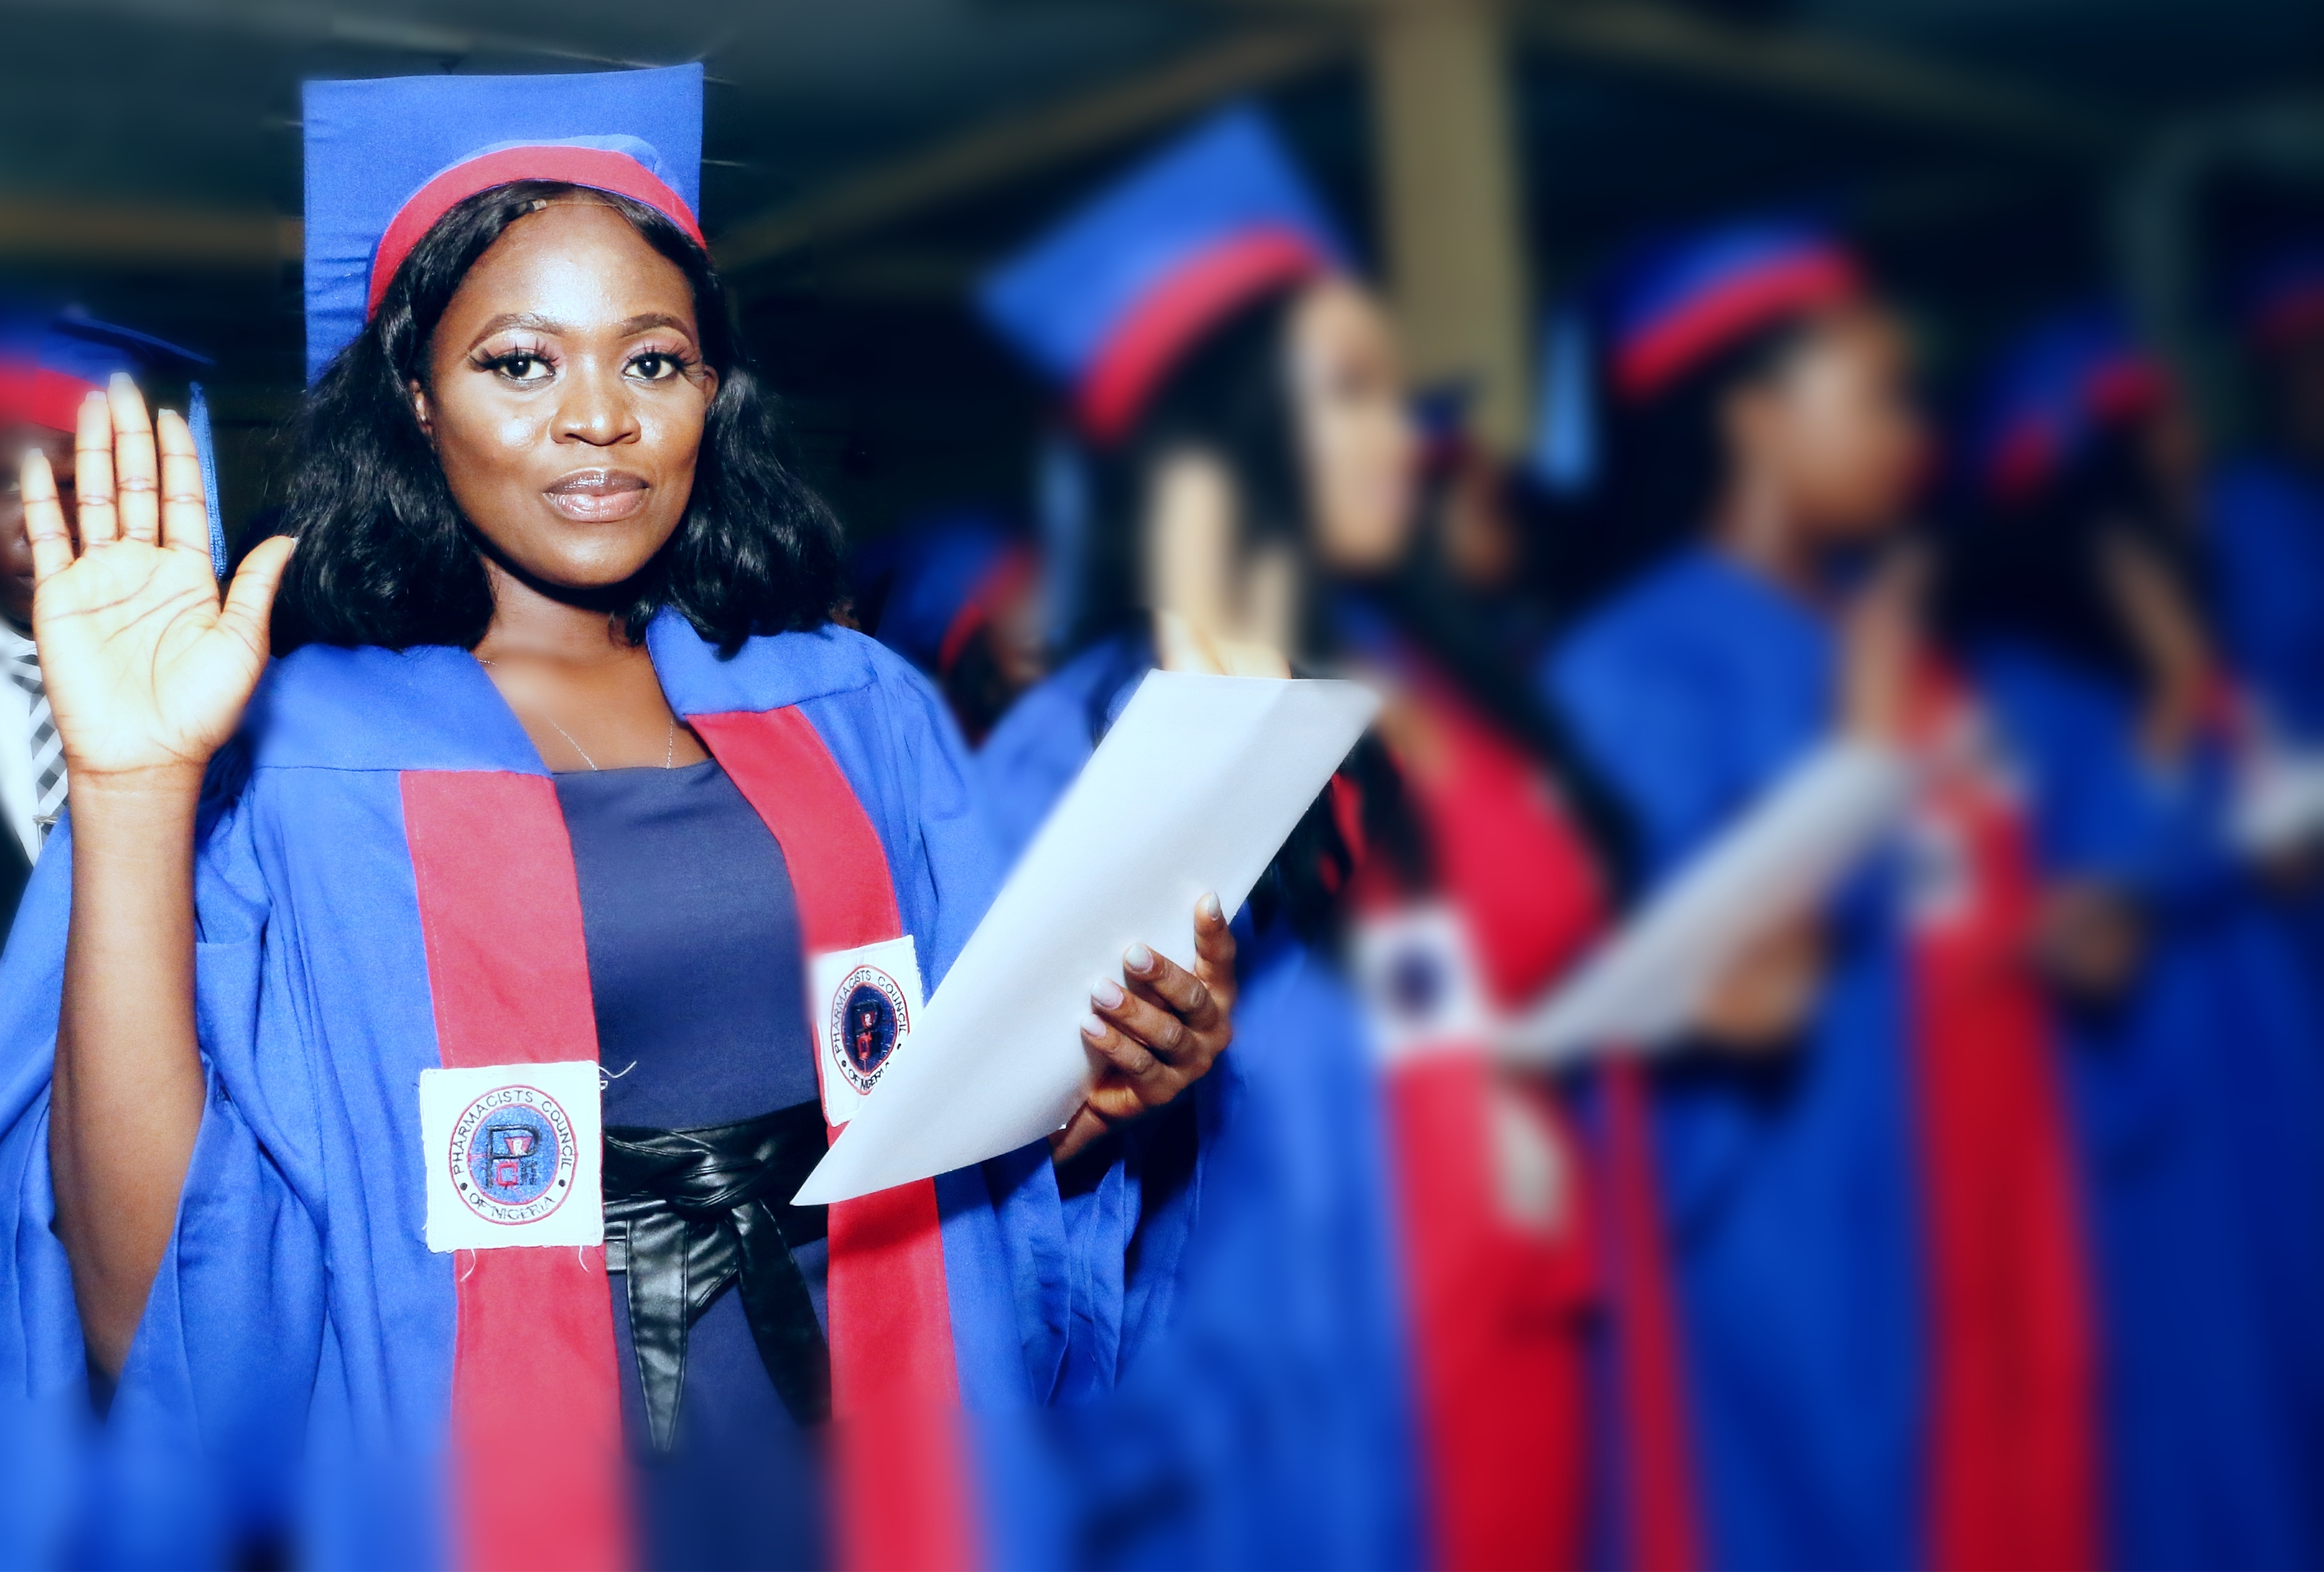 MadonnaBestUniversityNigeria